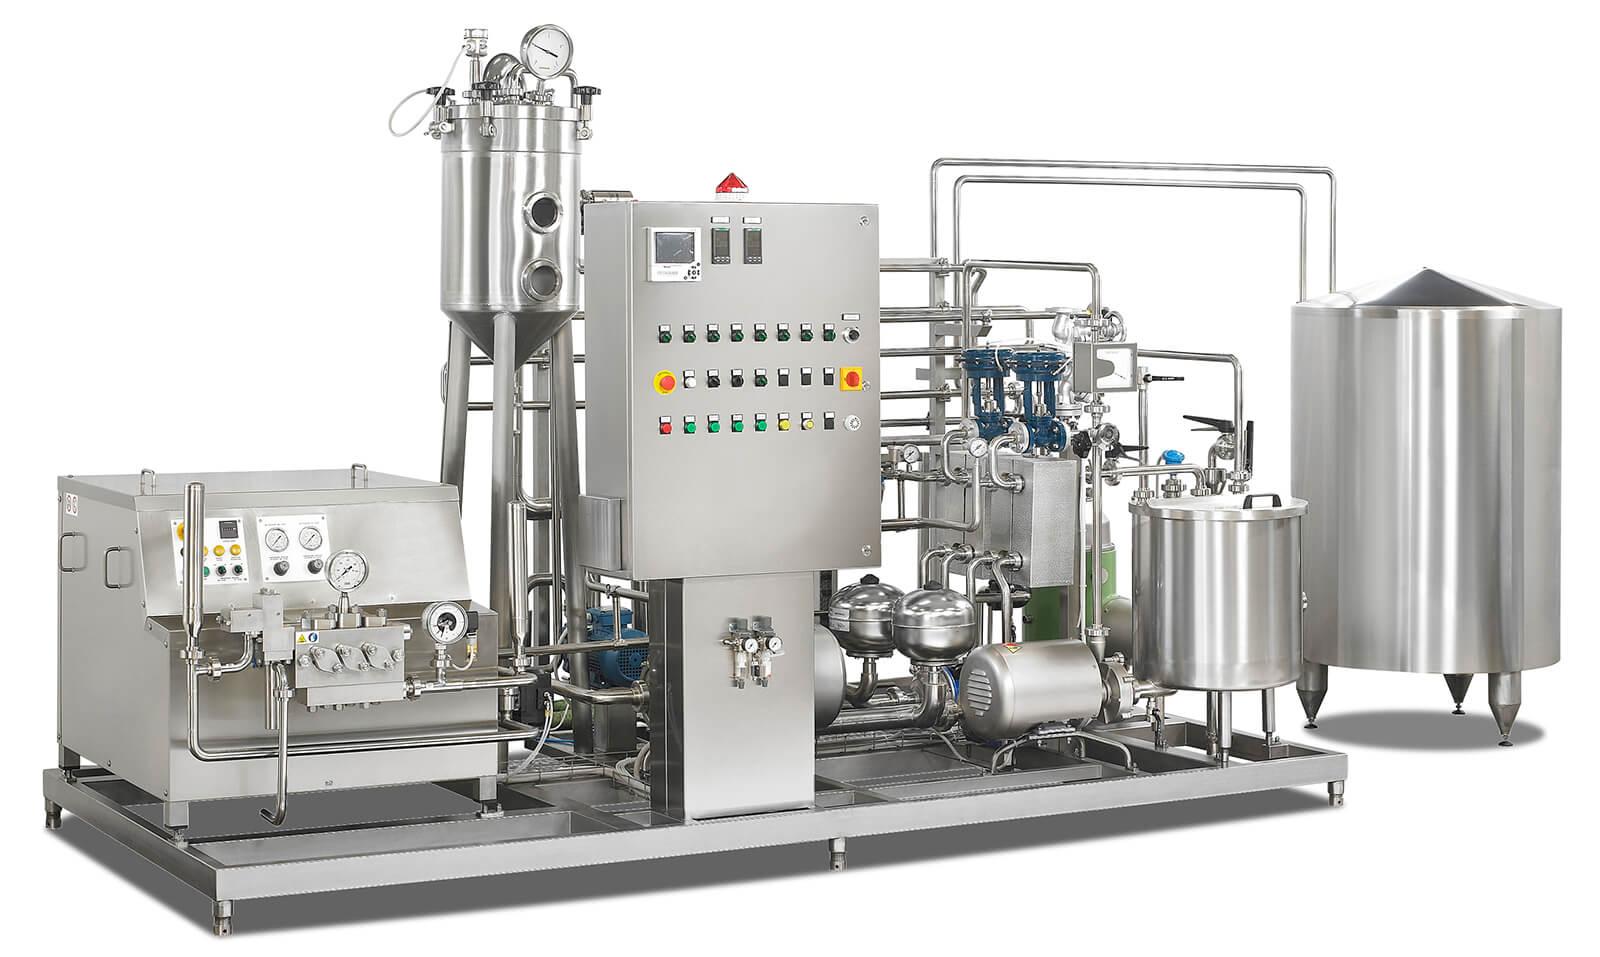 realizzazione impianto di pastorizzazione latte